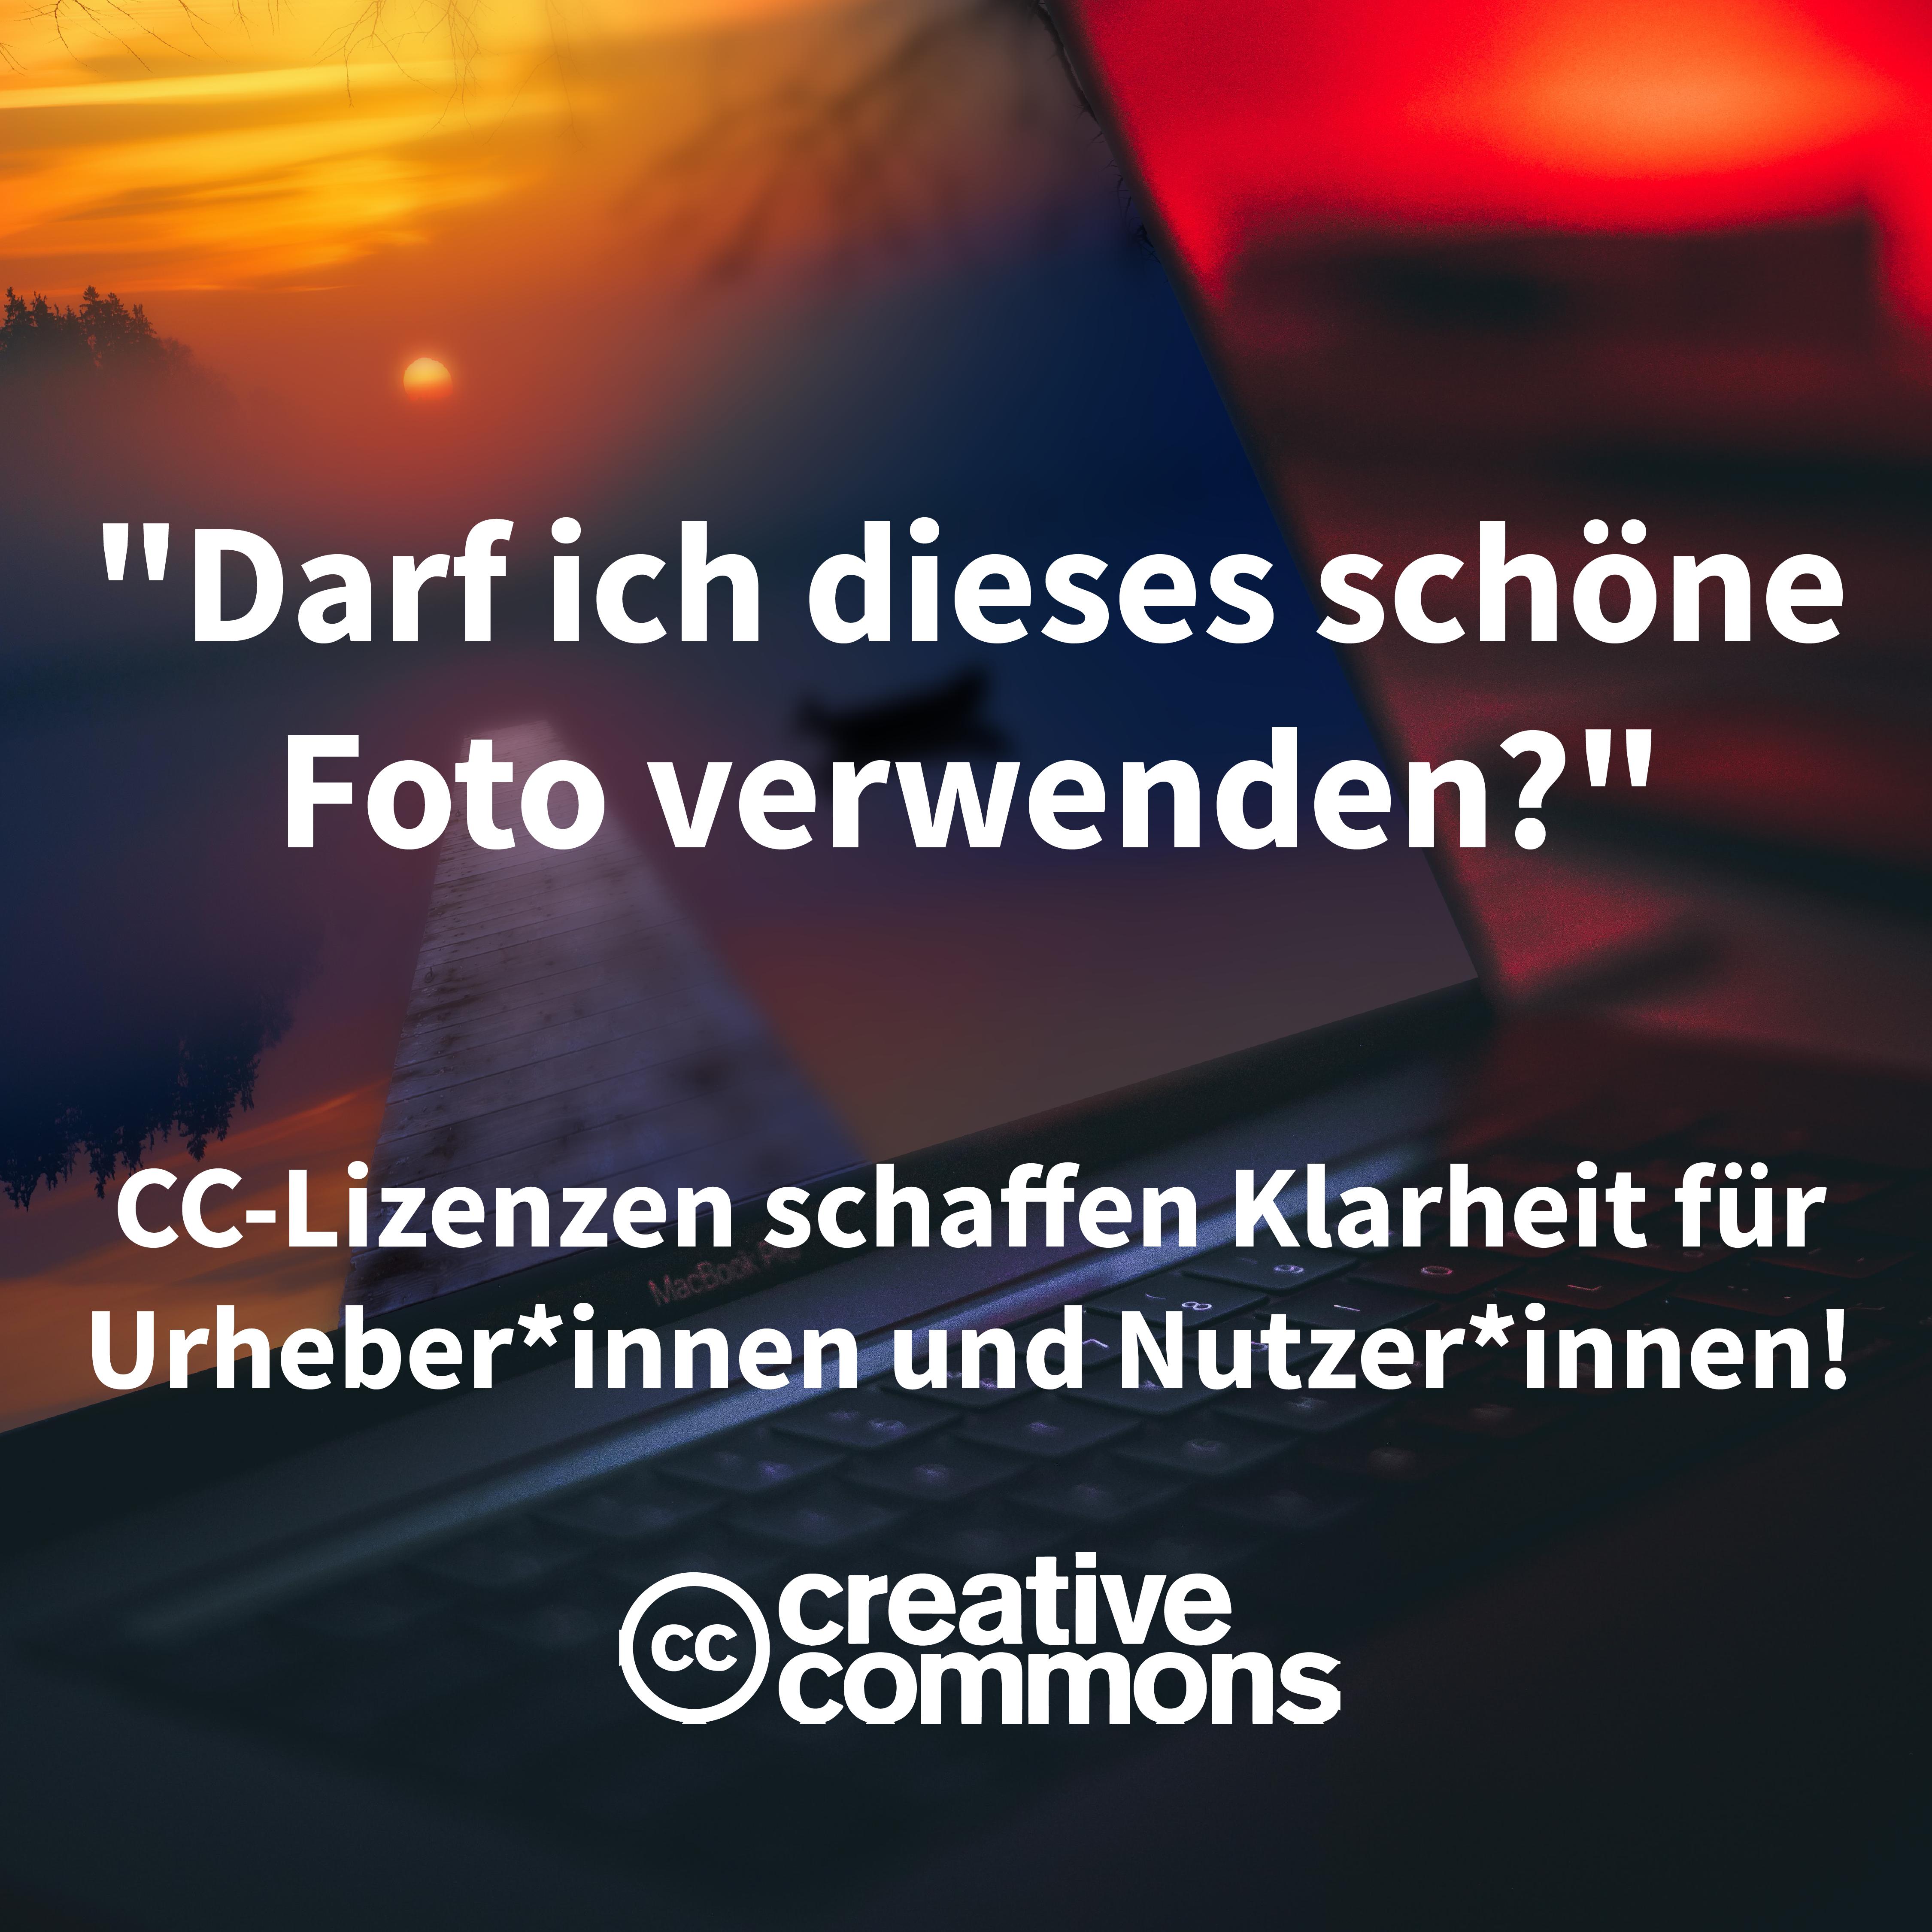 """Grafik mit Foto von Sonnenuntergang. Darauf mit weißer Schrift: """"Darf ich dieses schöne Foto verwenden?"""" CC-LIzenzen schaffen Klarheit für Urheber*innen und Nutzer*innen! Darunter das Logo von Creative Commons"""